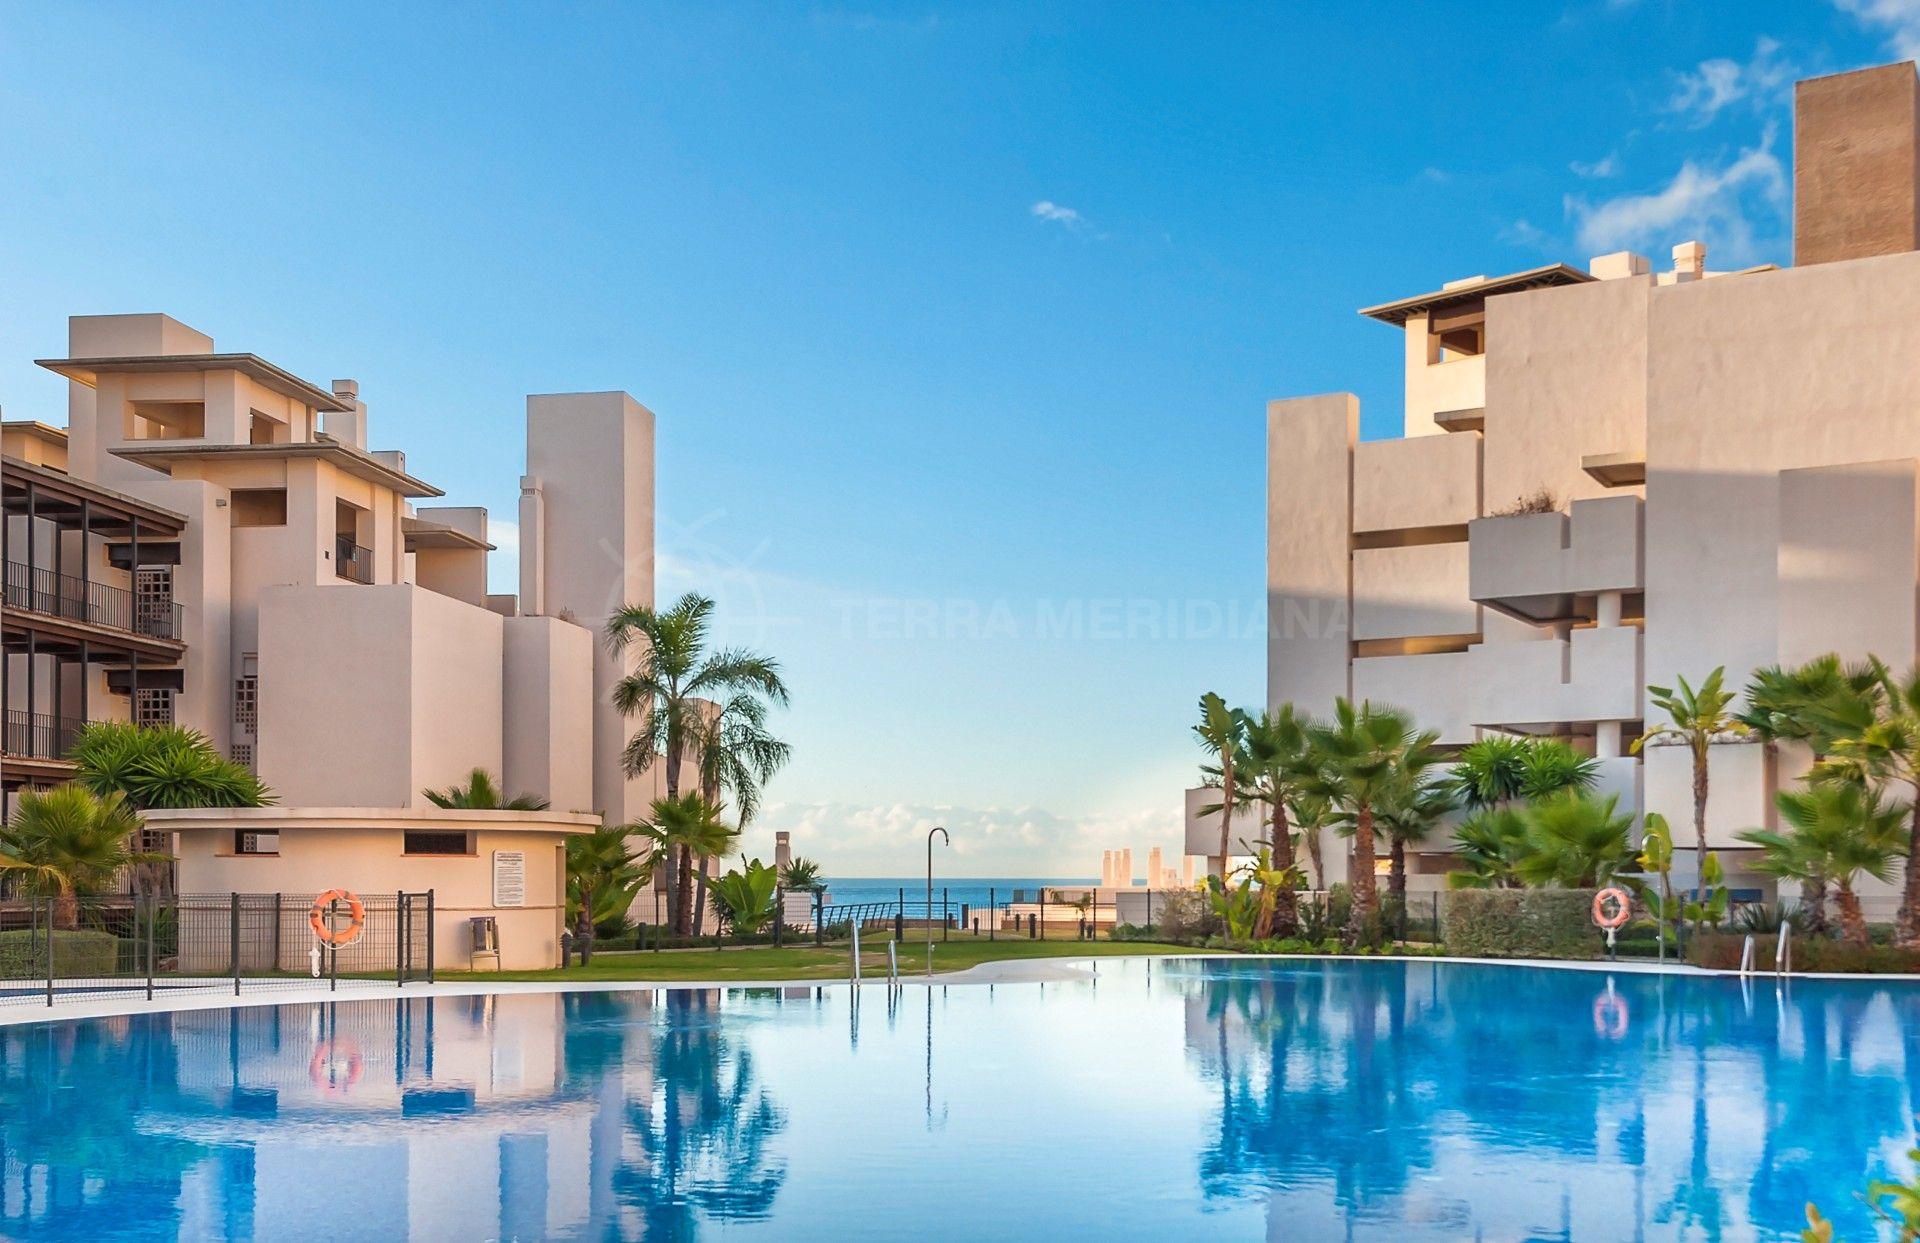 Apartamentos en venta en bahia de la plata a corta distancia de estepona centro a pie situados - Apartamentos en venta en estepona ...